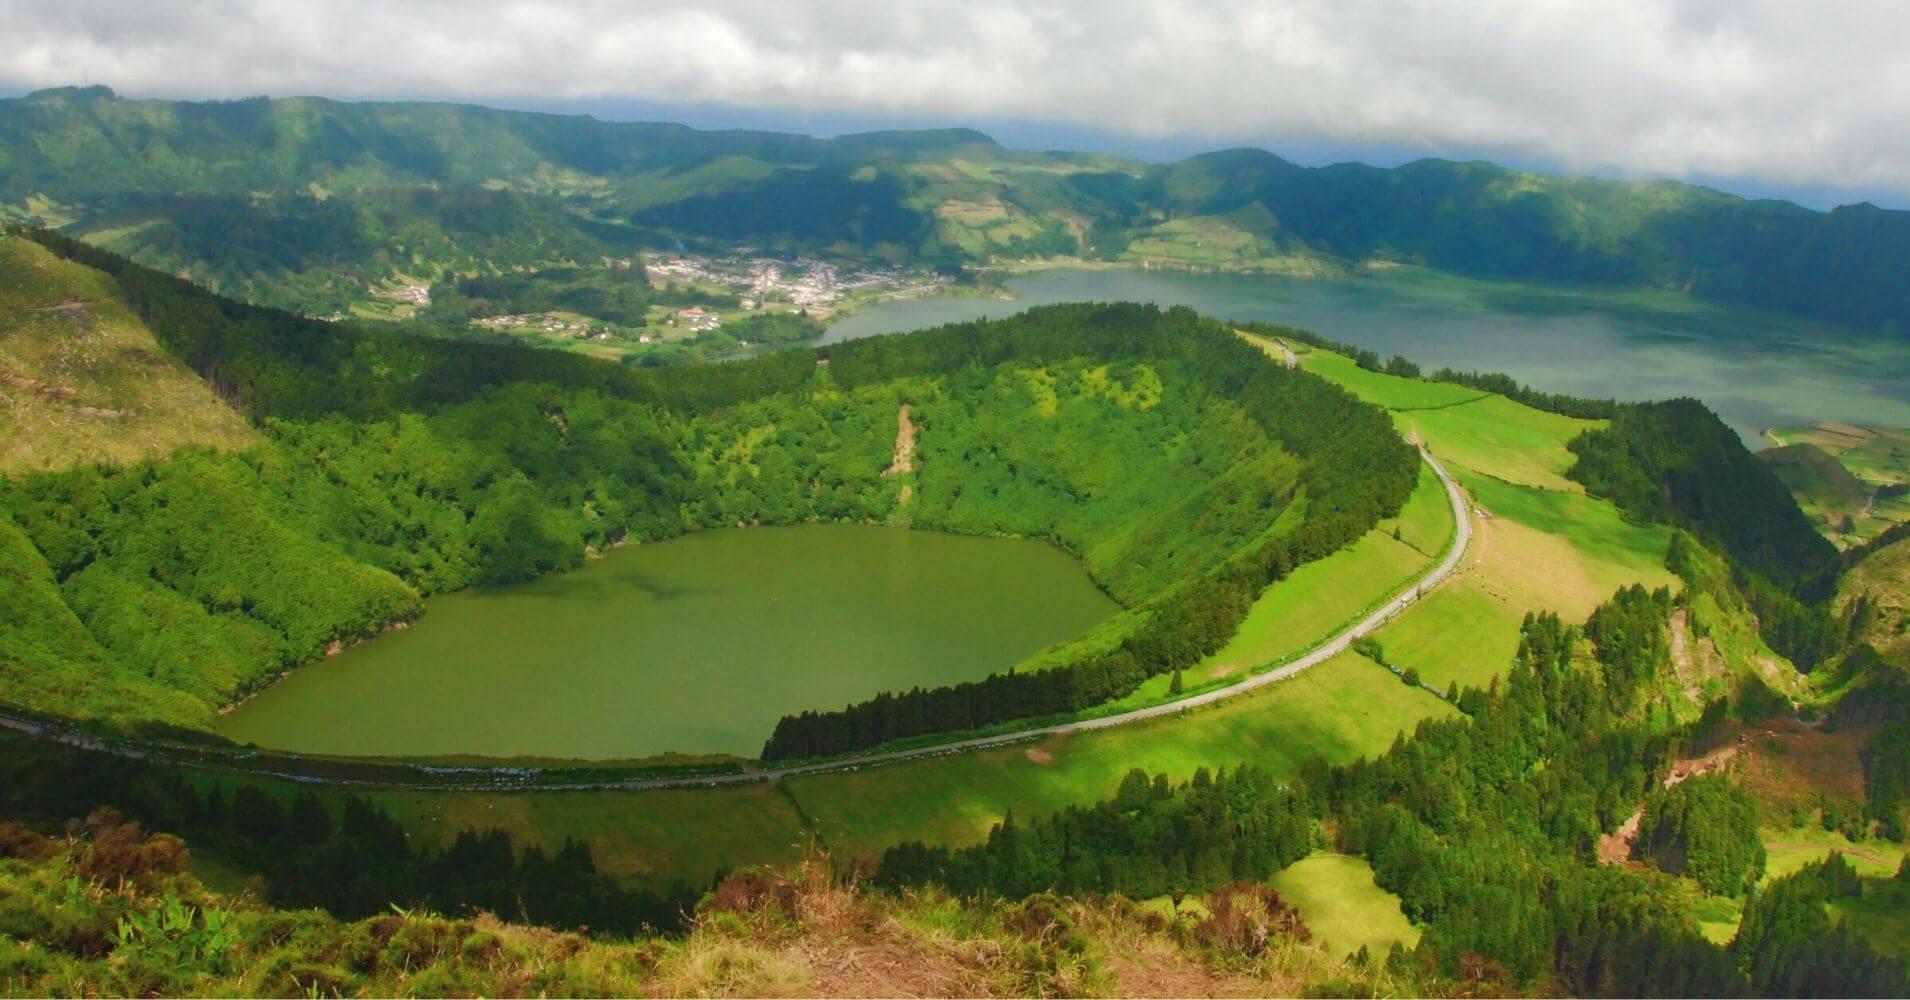 Volcán y Lago de Santiago. Isla de San Miguel, Azores. Portugal.